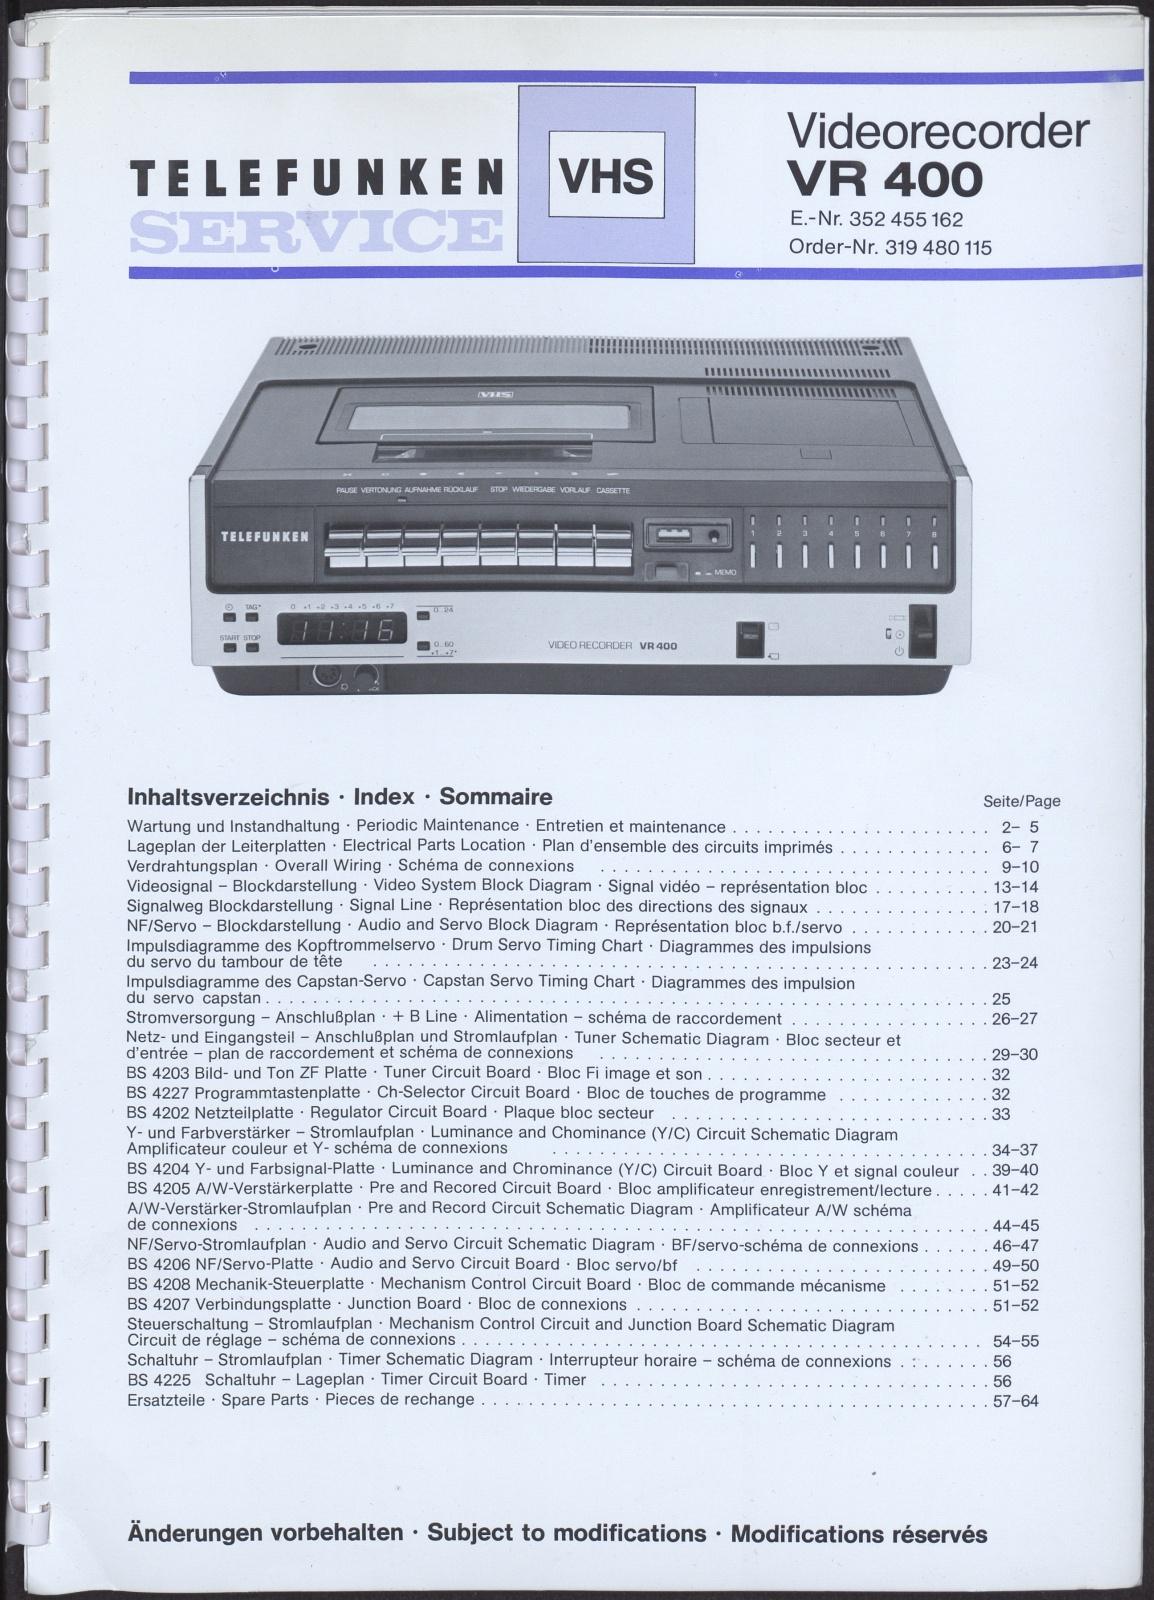 Bedienungsanleitung: Telefunken Service Videorecorder VR 400